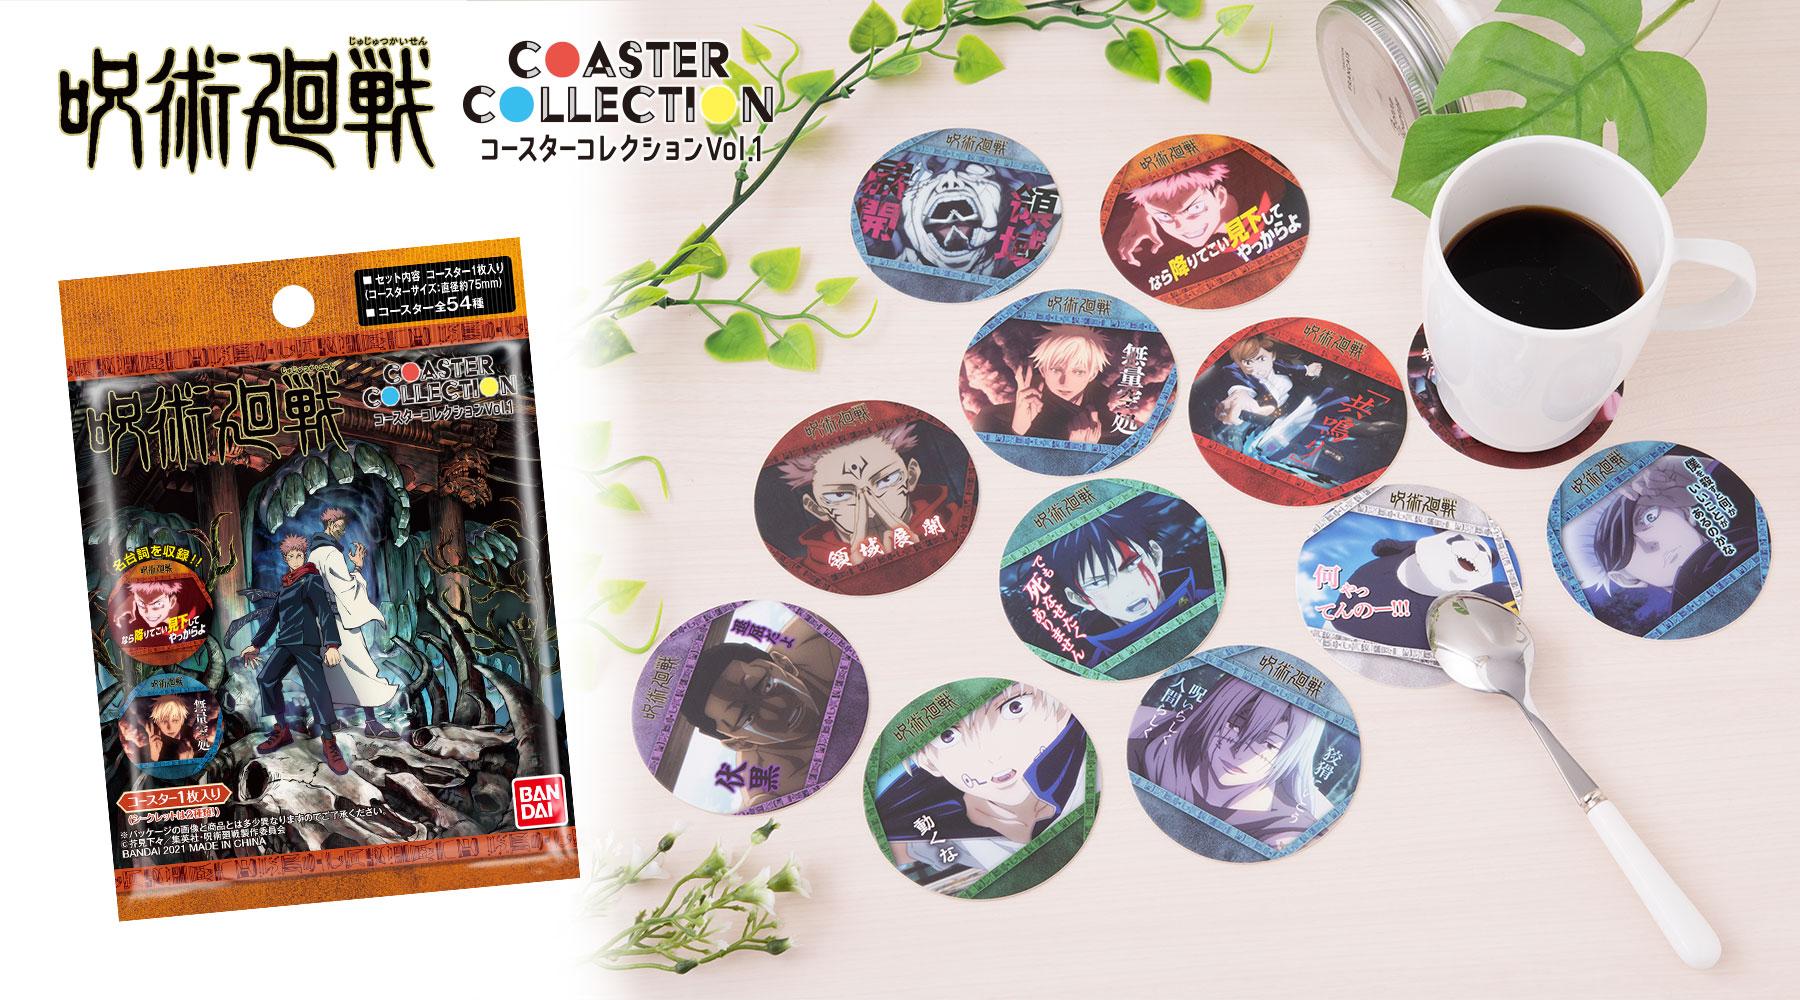 呪術廻戦 コースターコレクション